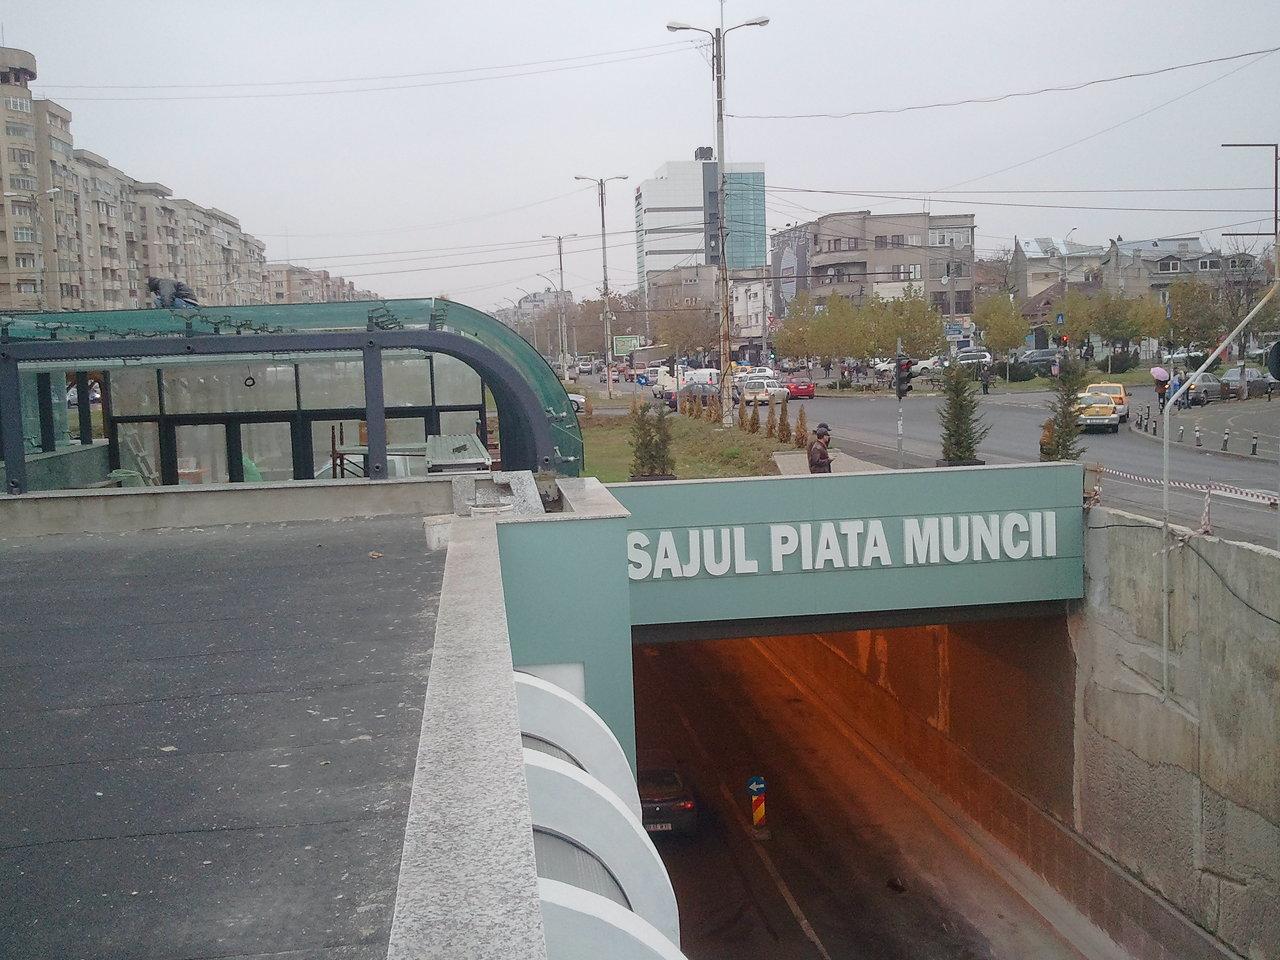 amenajare statie metrou